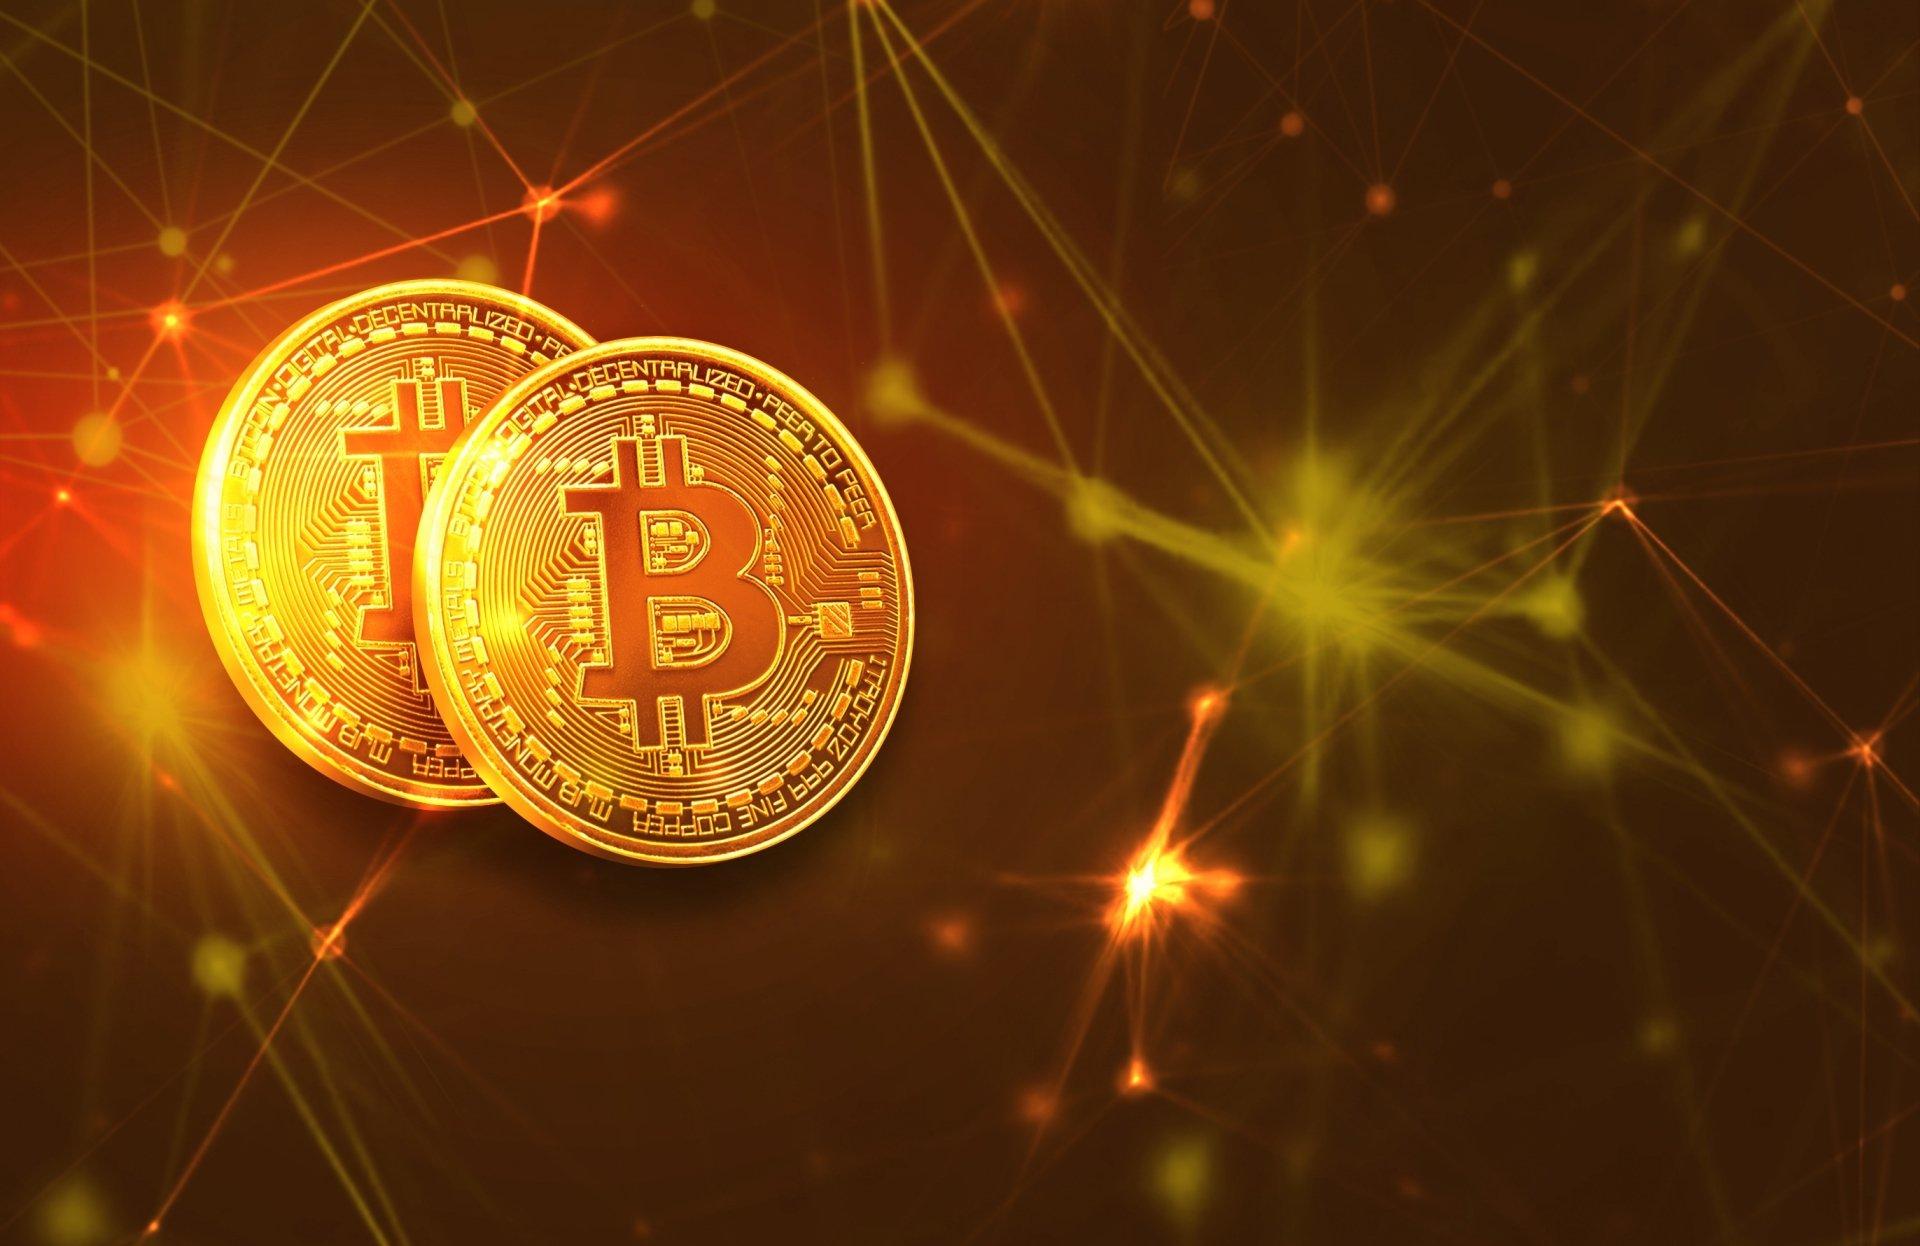 10-102776_912512-title-bitcoin-gold-technology-bitcoin-coin-bitcoin.jpg